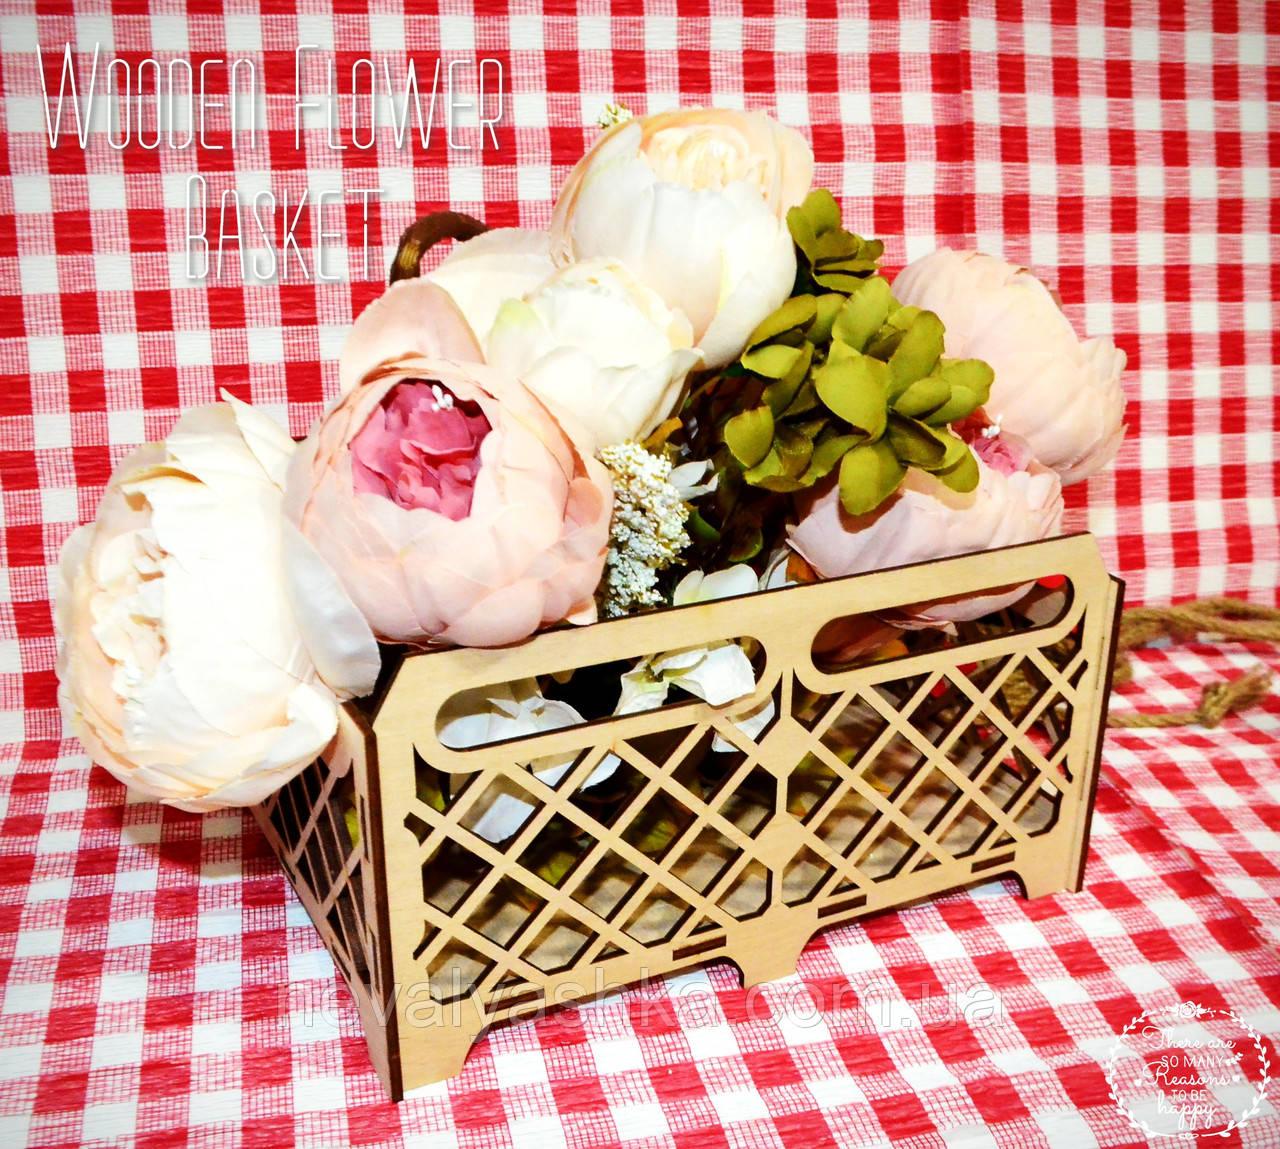 Декоративная Деревянная Корзинка Ящик Сетка Большая для оформления цветов букетов дерев'яна корзина для квітів